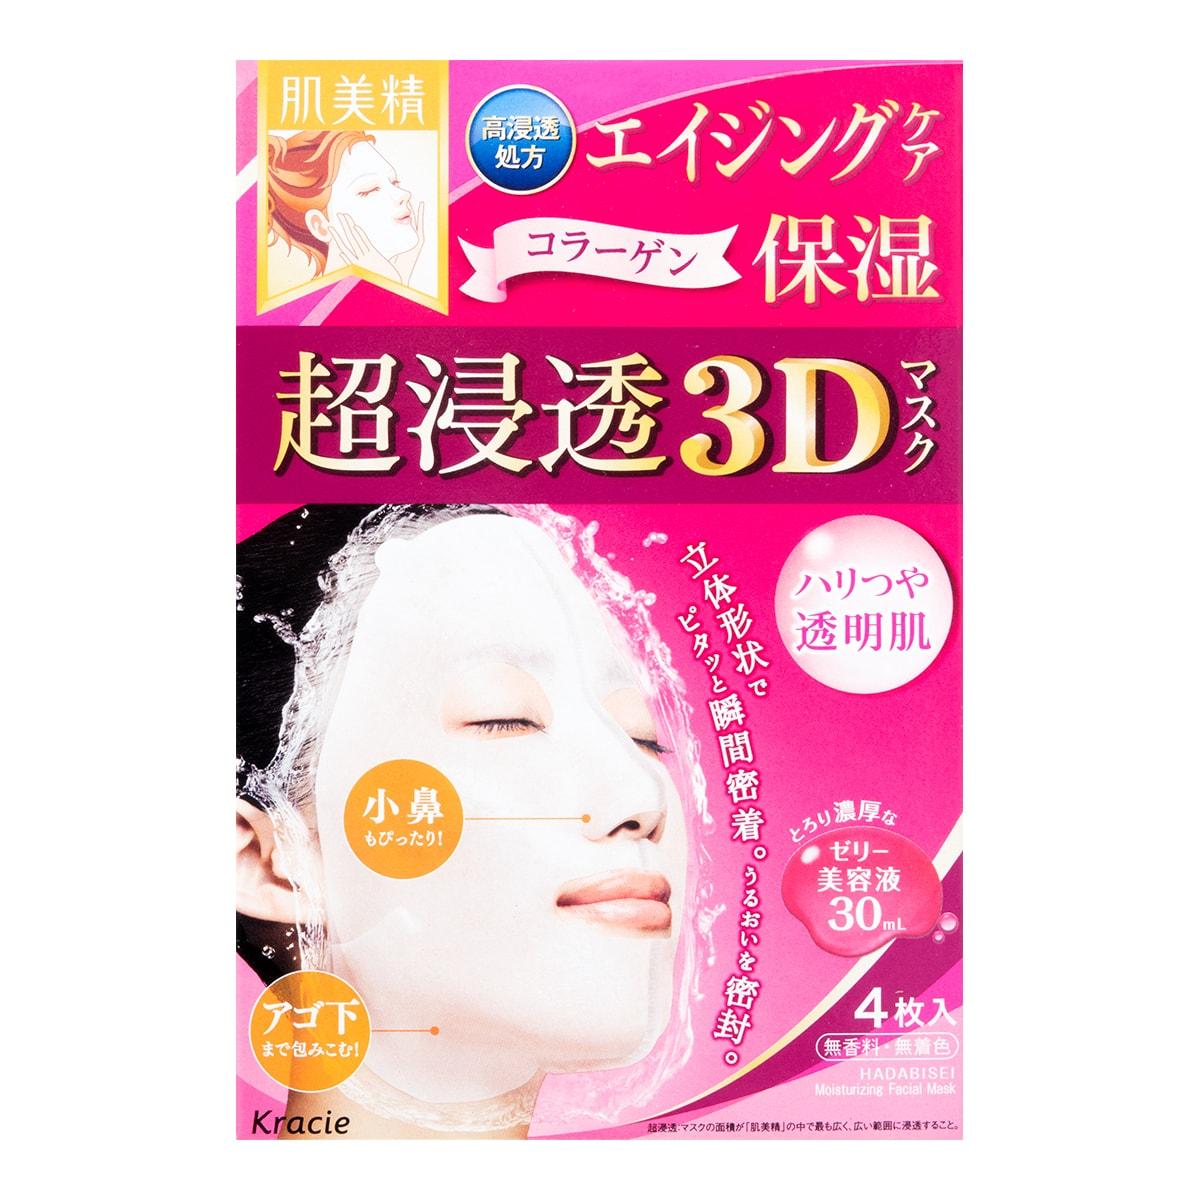 日本KRACIE嘉娜宝 肌美精 超浸透3D胶原蛋白保湿面膜 4片入